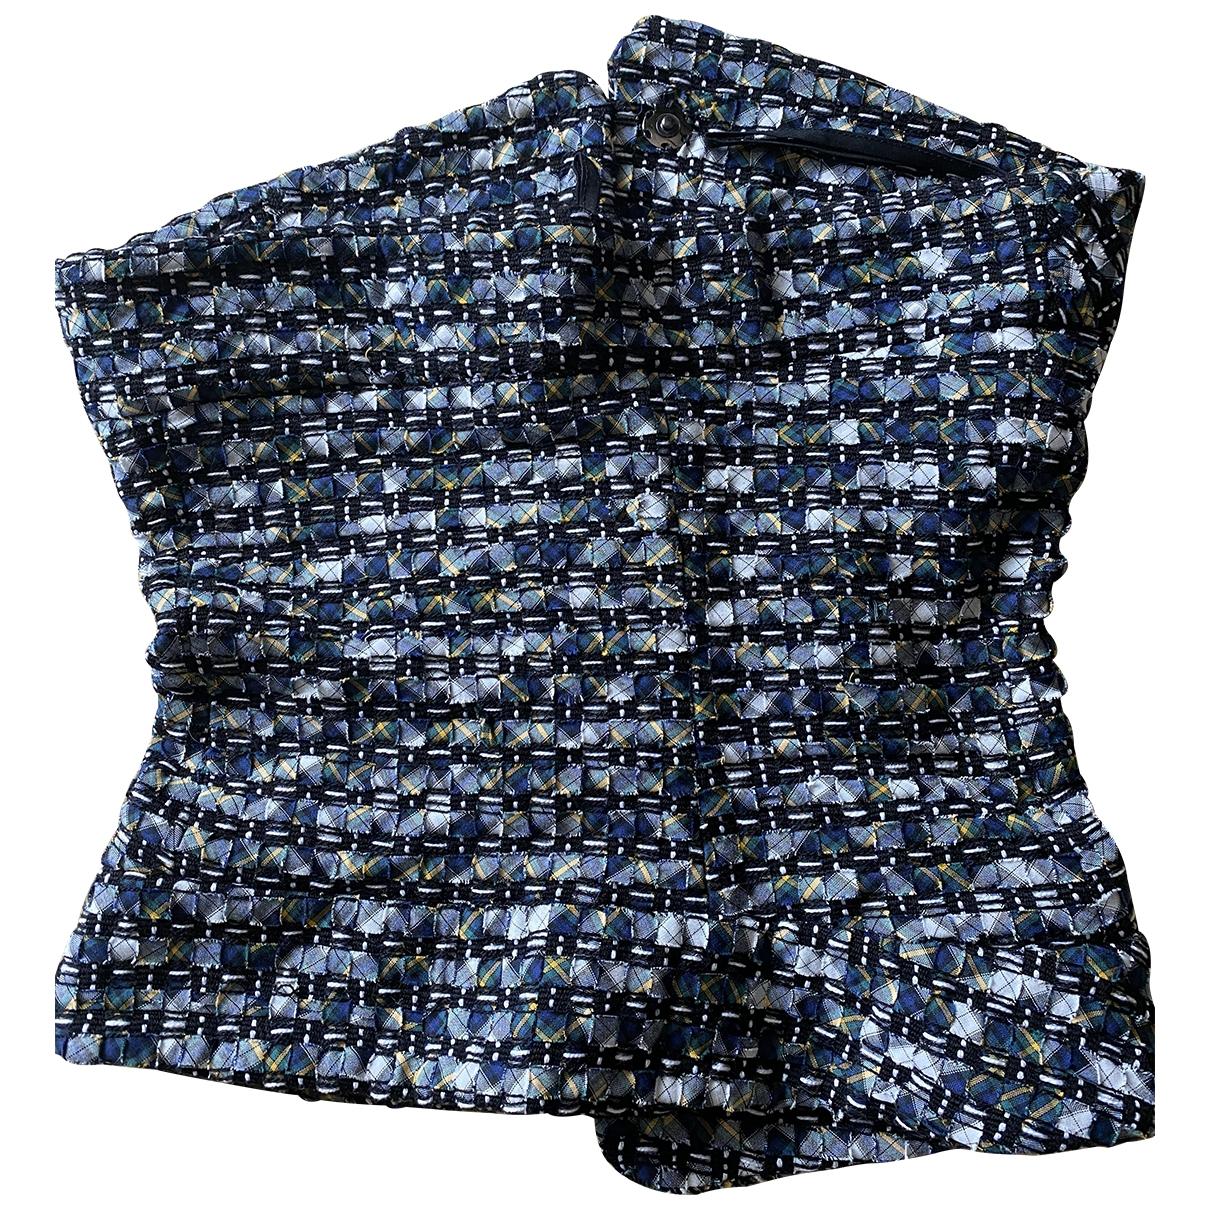 Veronique Leroy \N Top in  Bunt Tweed